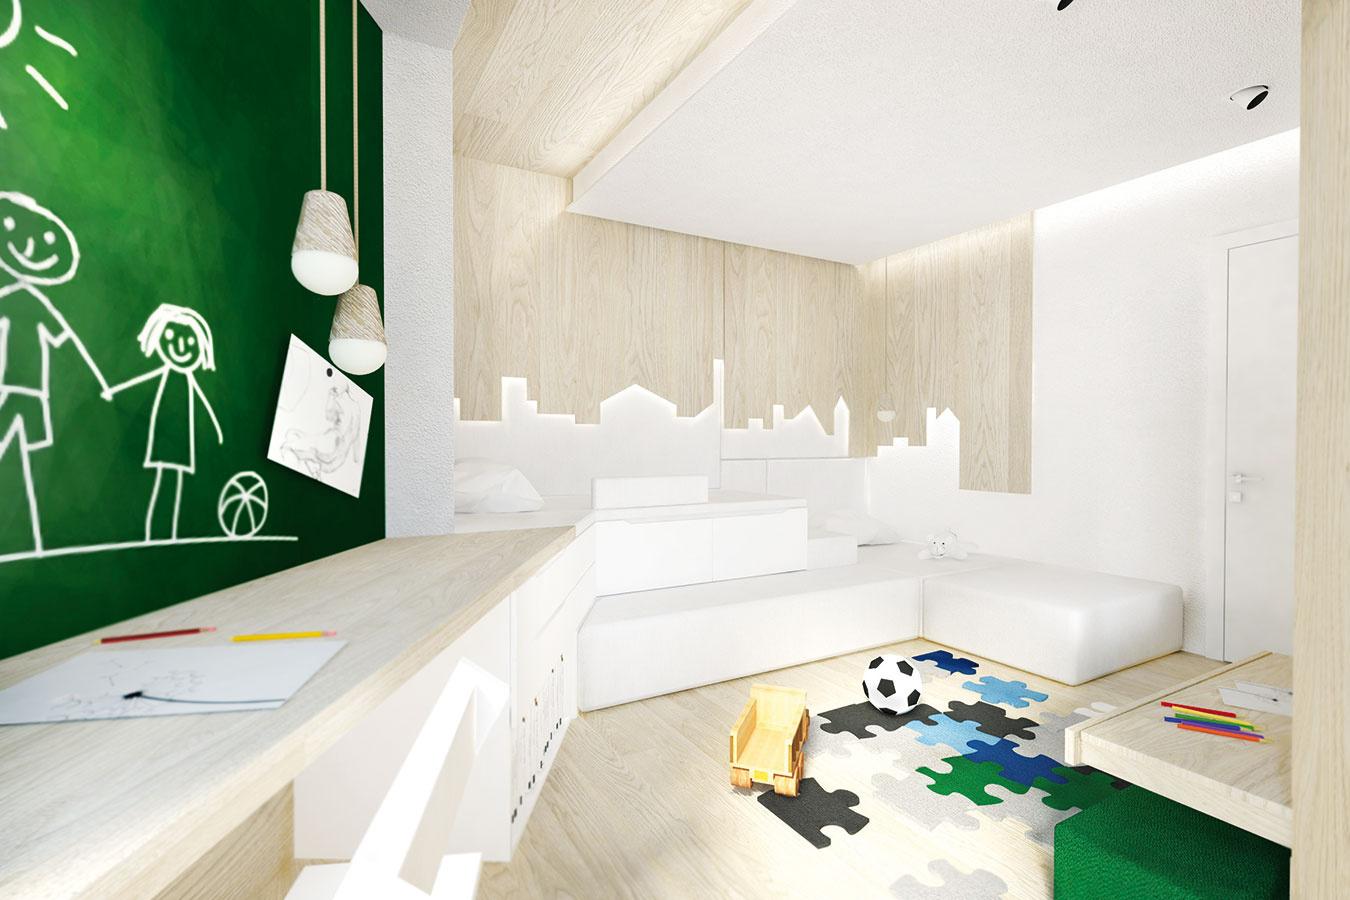 Atmosféru miestnosti oživujú štyri typy osvetlenia – nepriame lineárne osvetlenie vnikách vstrope, funkčné stmievacie osvetlenie nad skriňou, zavesené svietidlá nad stolom avečerné osvetlenie pod panelmi pri posteli.